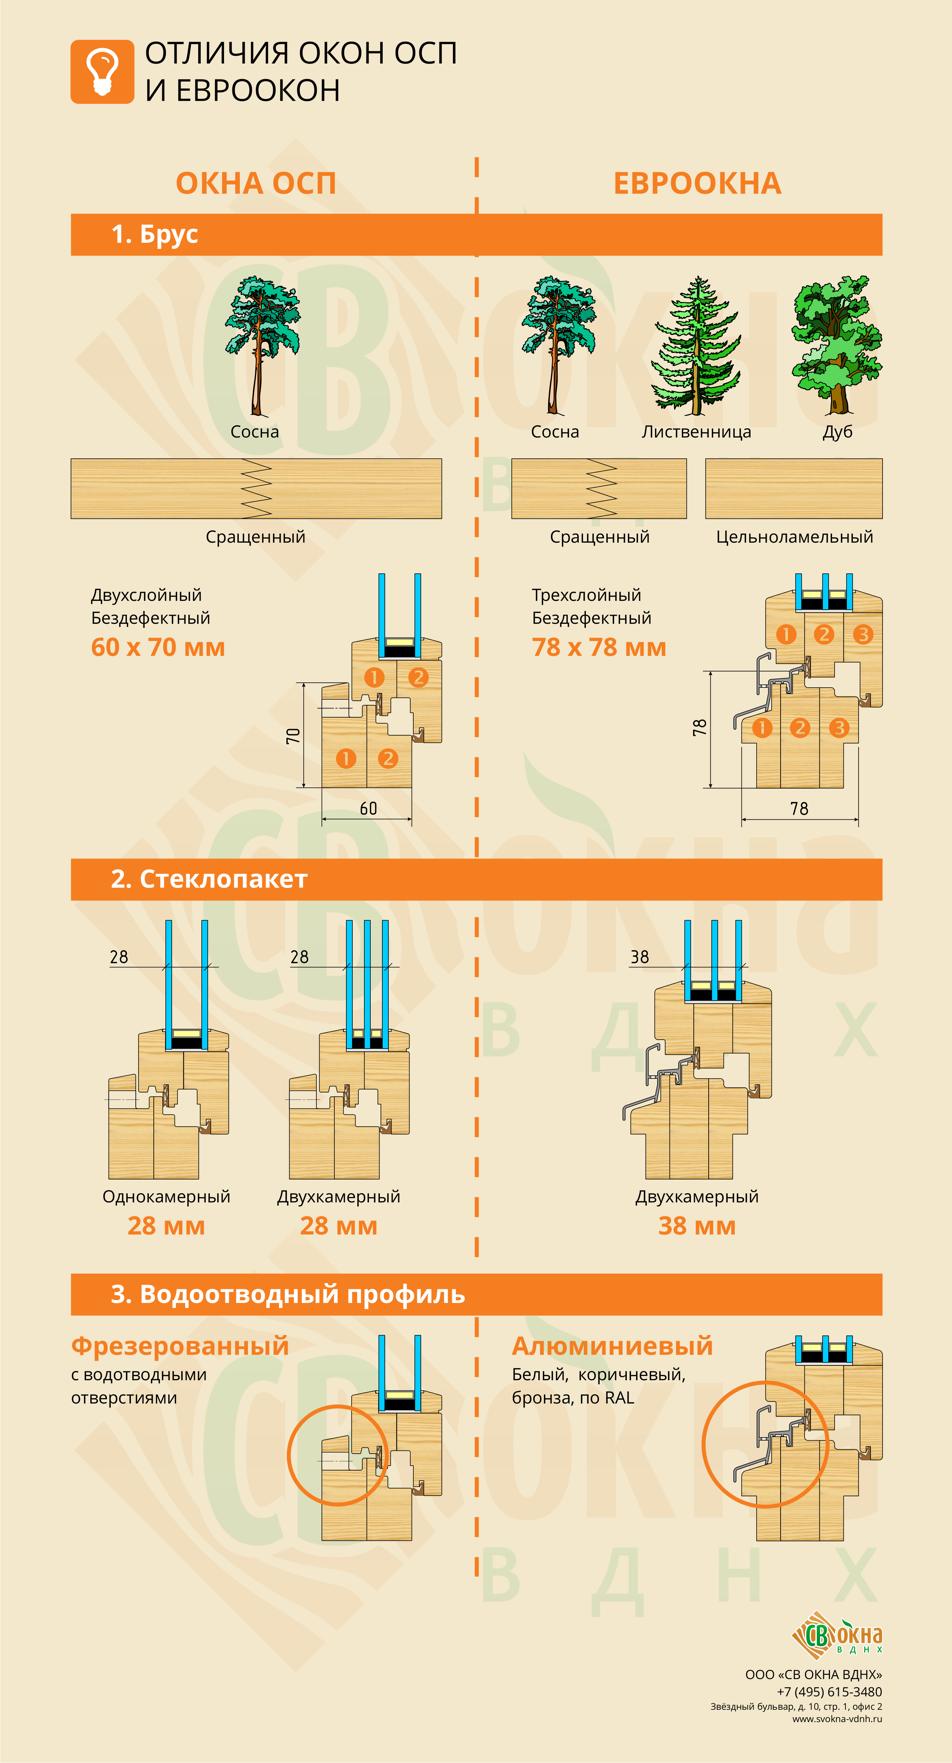 3 отличия окон ОСП и Евроокон. Инфографика.